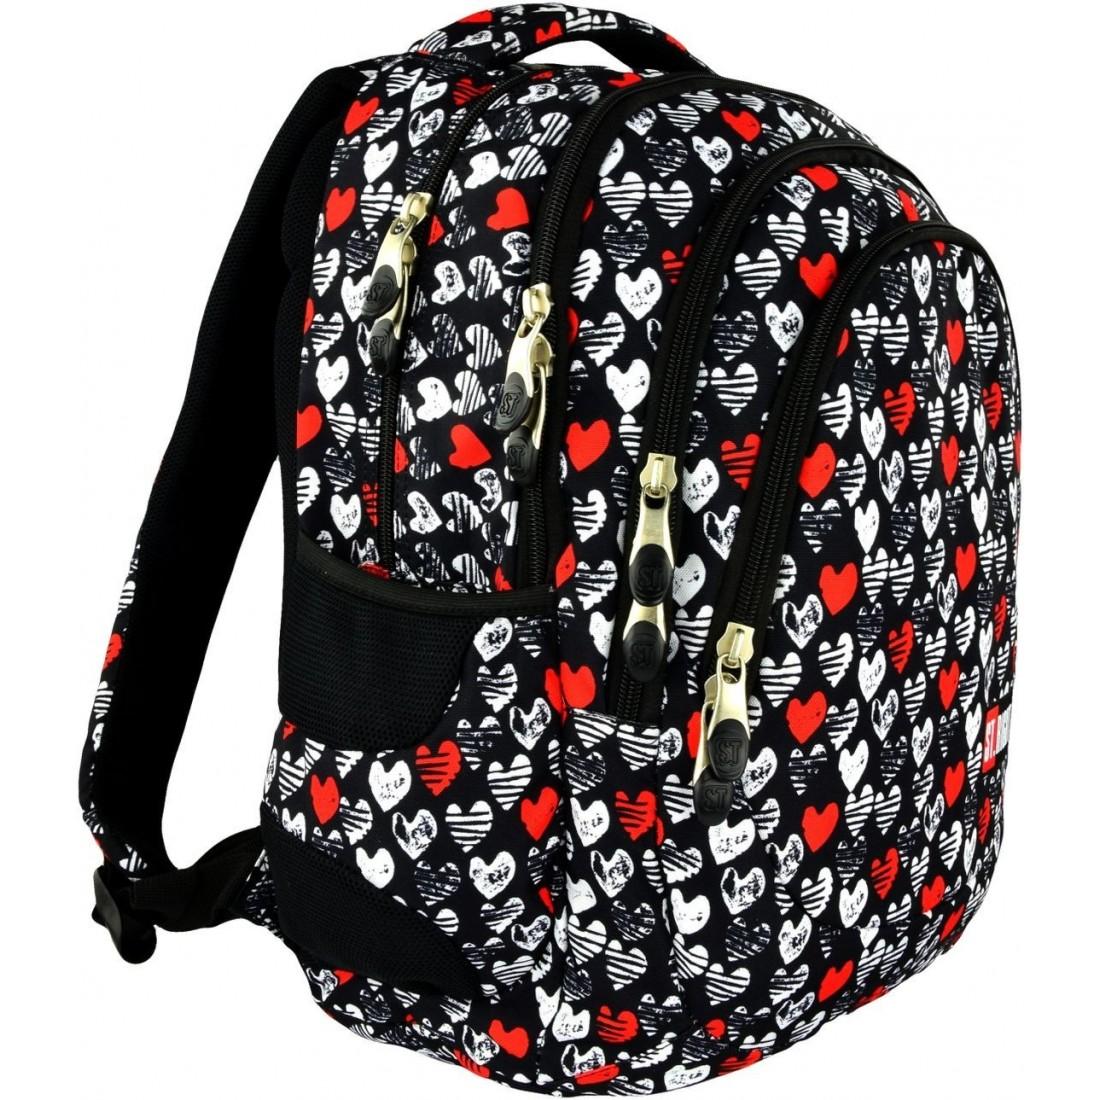 97328a04413dd Plecak szkolny 06 ST.RIGHT Heartbeat dla dziewczynki - plecak ...